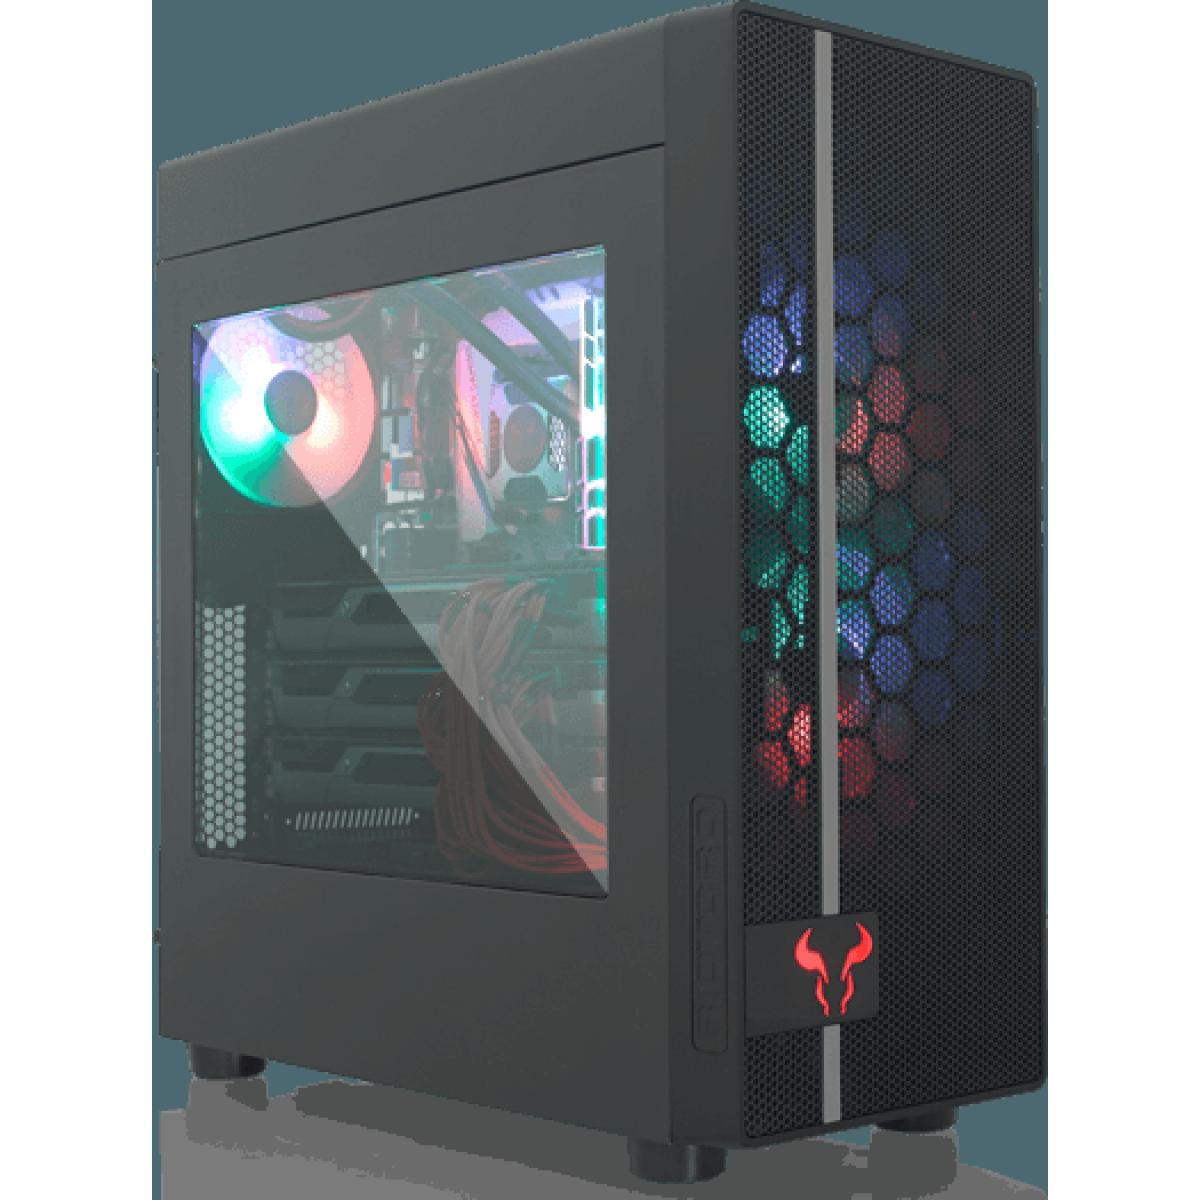 Pc Gamer T-Power Warlord Lvl-1 AMD Ryzen 7 3700X / Radeon RX 5700 8GB / DDR4 16GB / HD 1TB / 600W